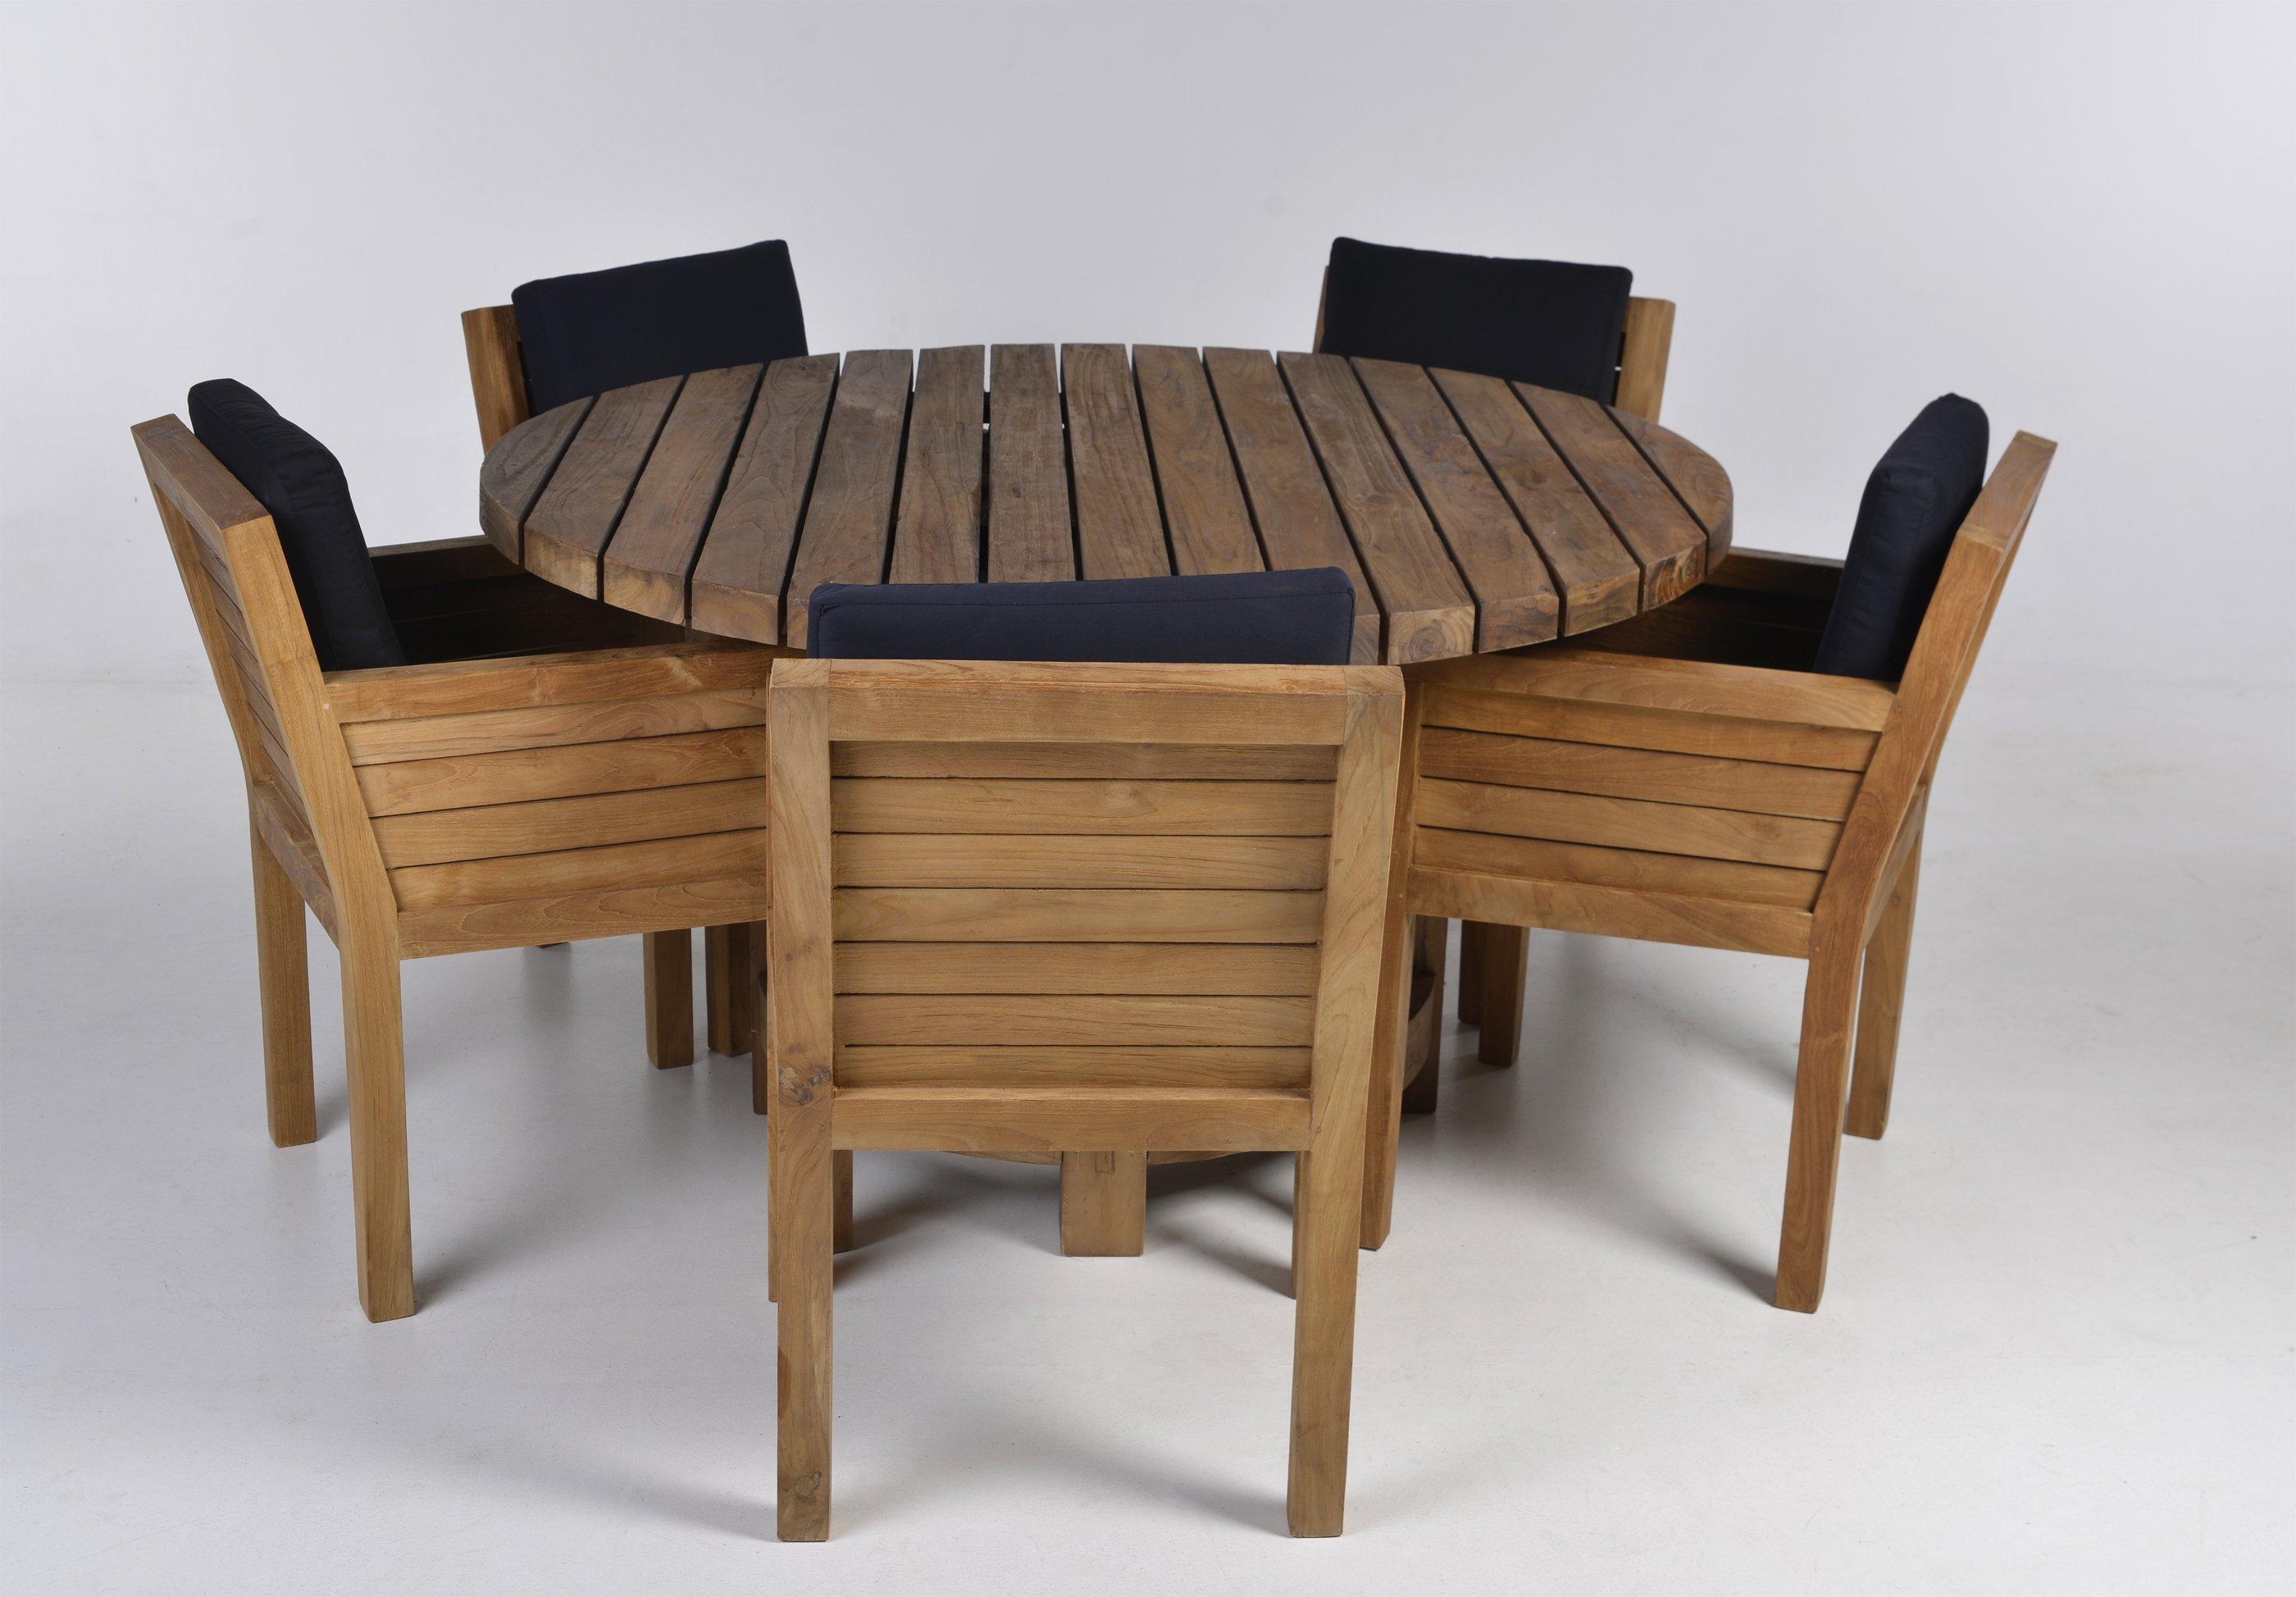 Kussens Voor Stoelen : Teakhouten vaste stoel betty met kussens teak